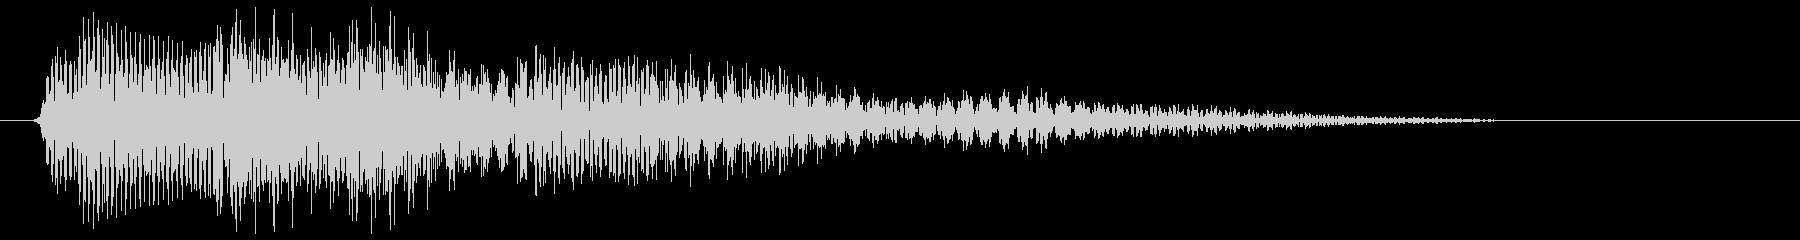 ピコン(明るめなアイテム取得音)の未再生の波形